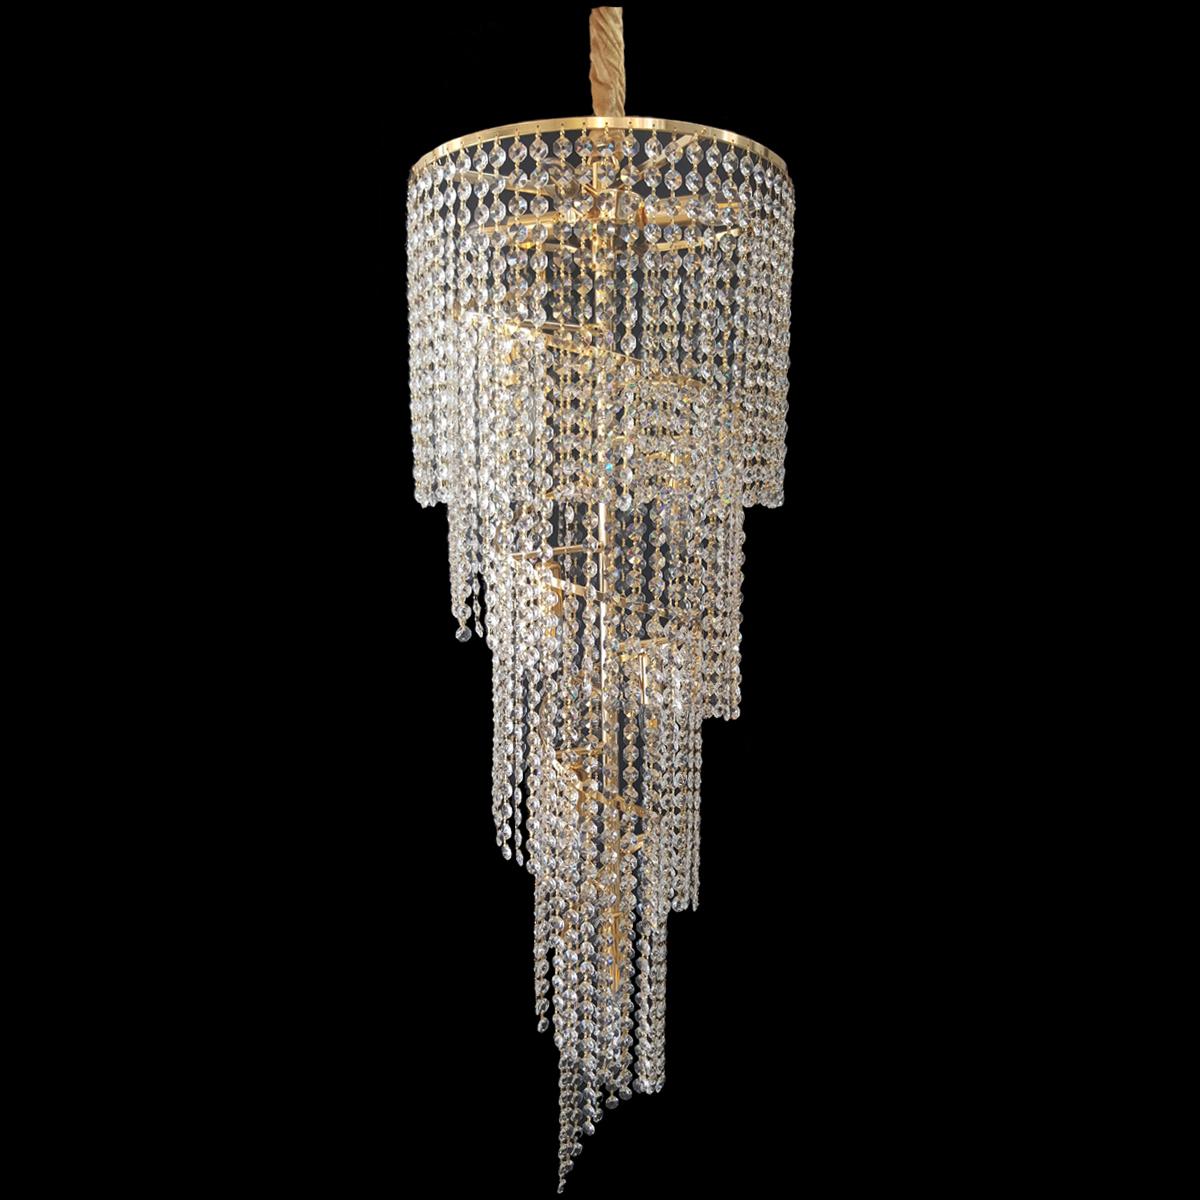 Spiral 410 Gold Chandelier - CRPSPI10410GD